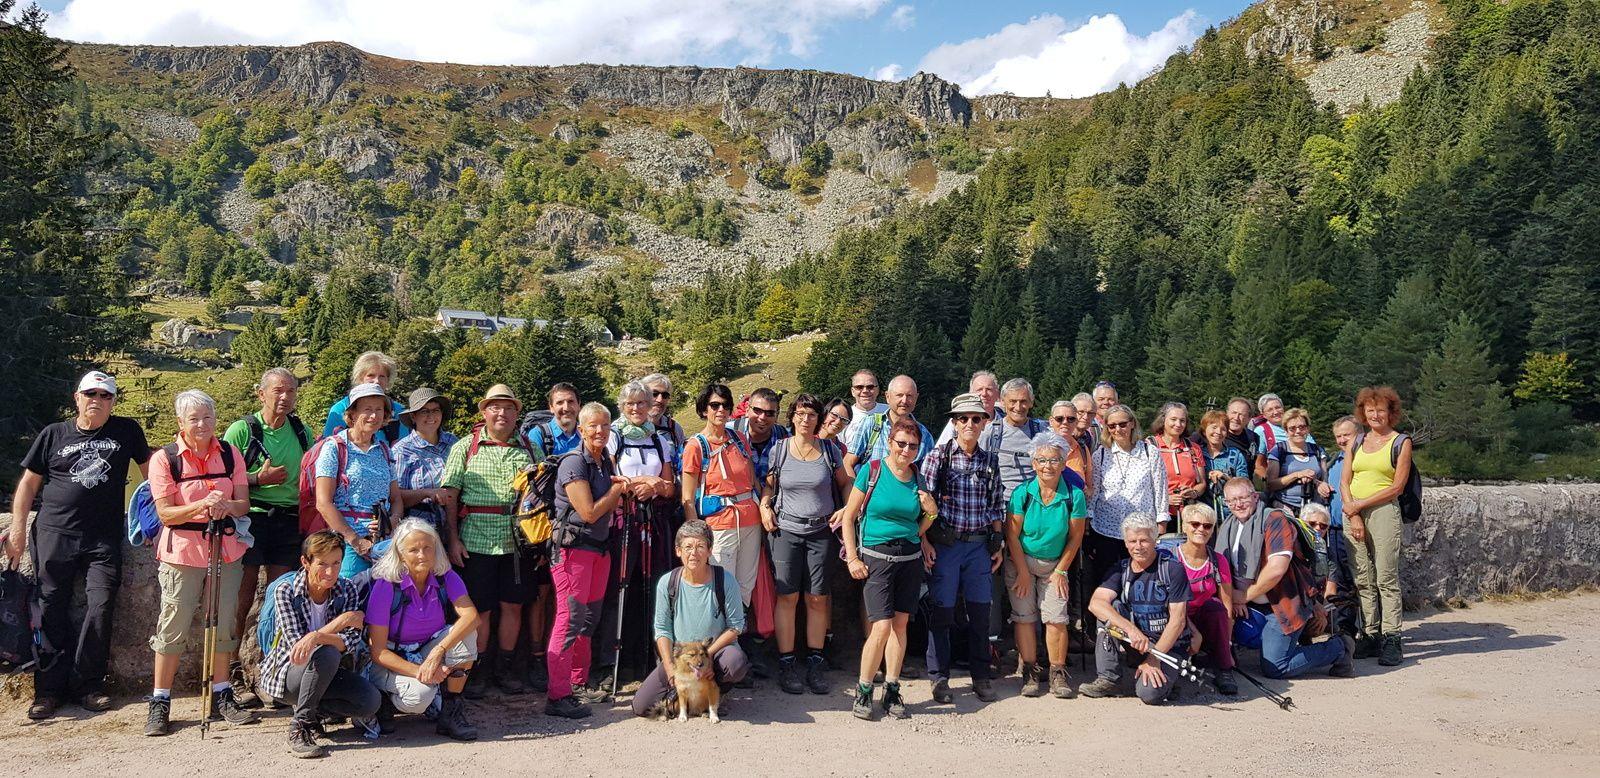 C'était le dimanche 22 septembre 2019 avec la délégation du Schwalzwaldverein de Breisach